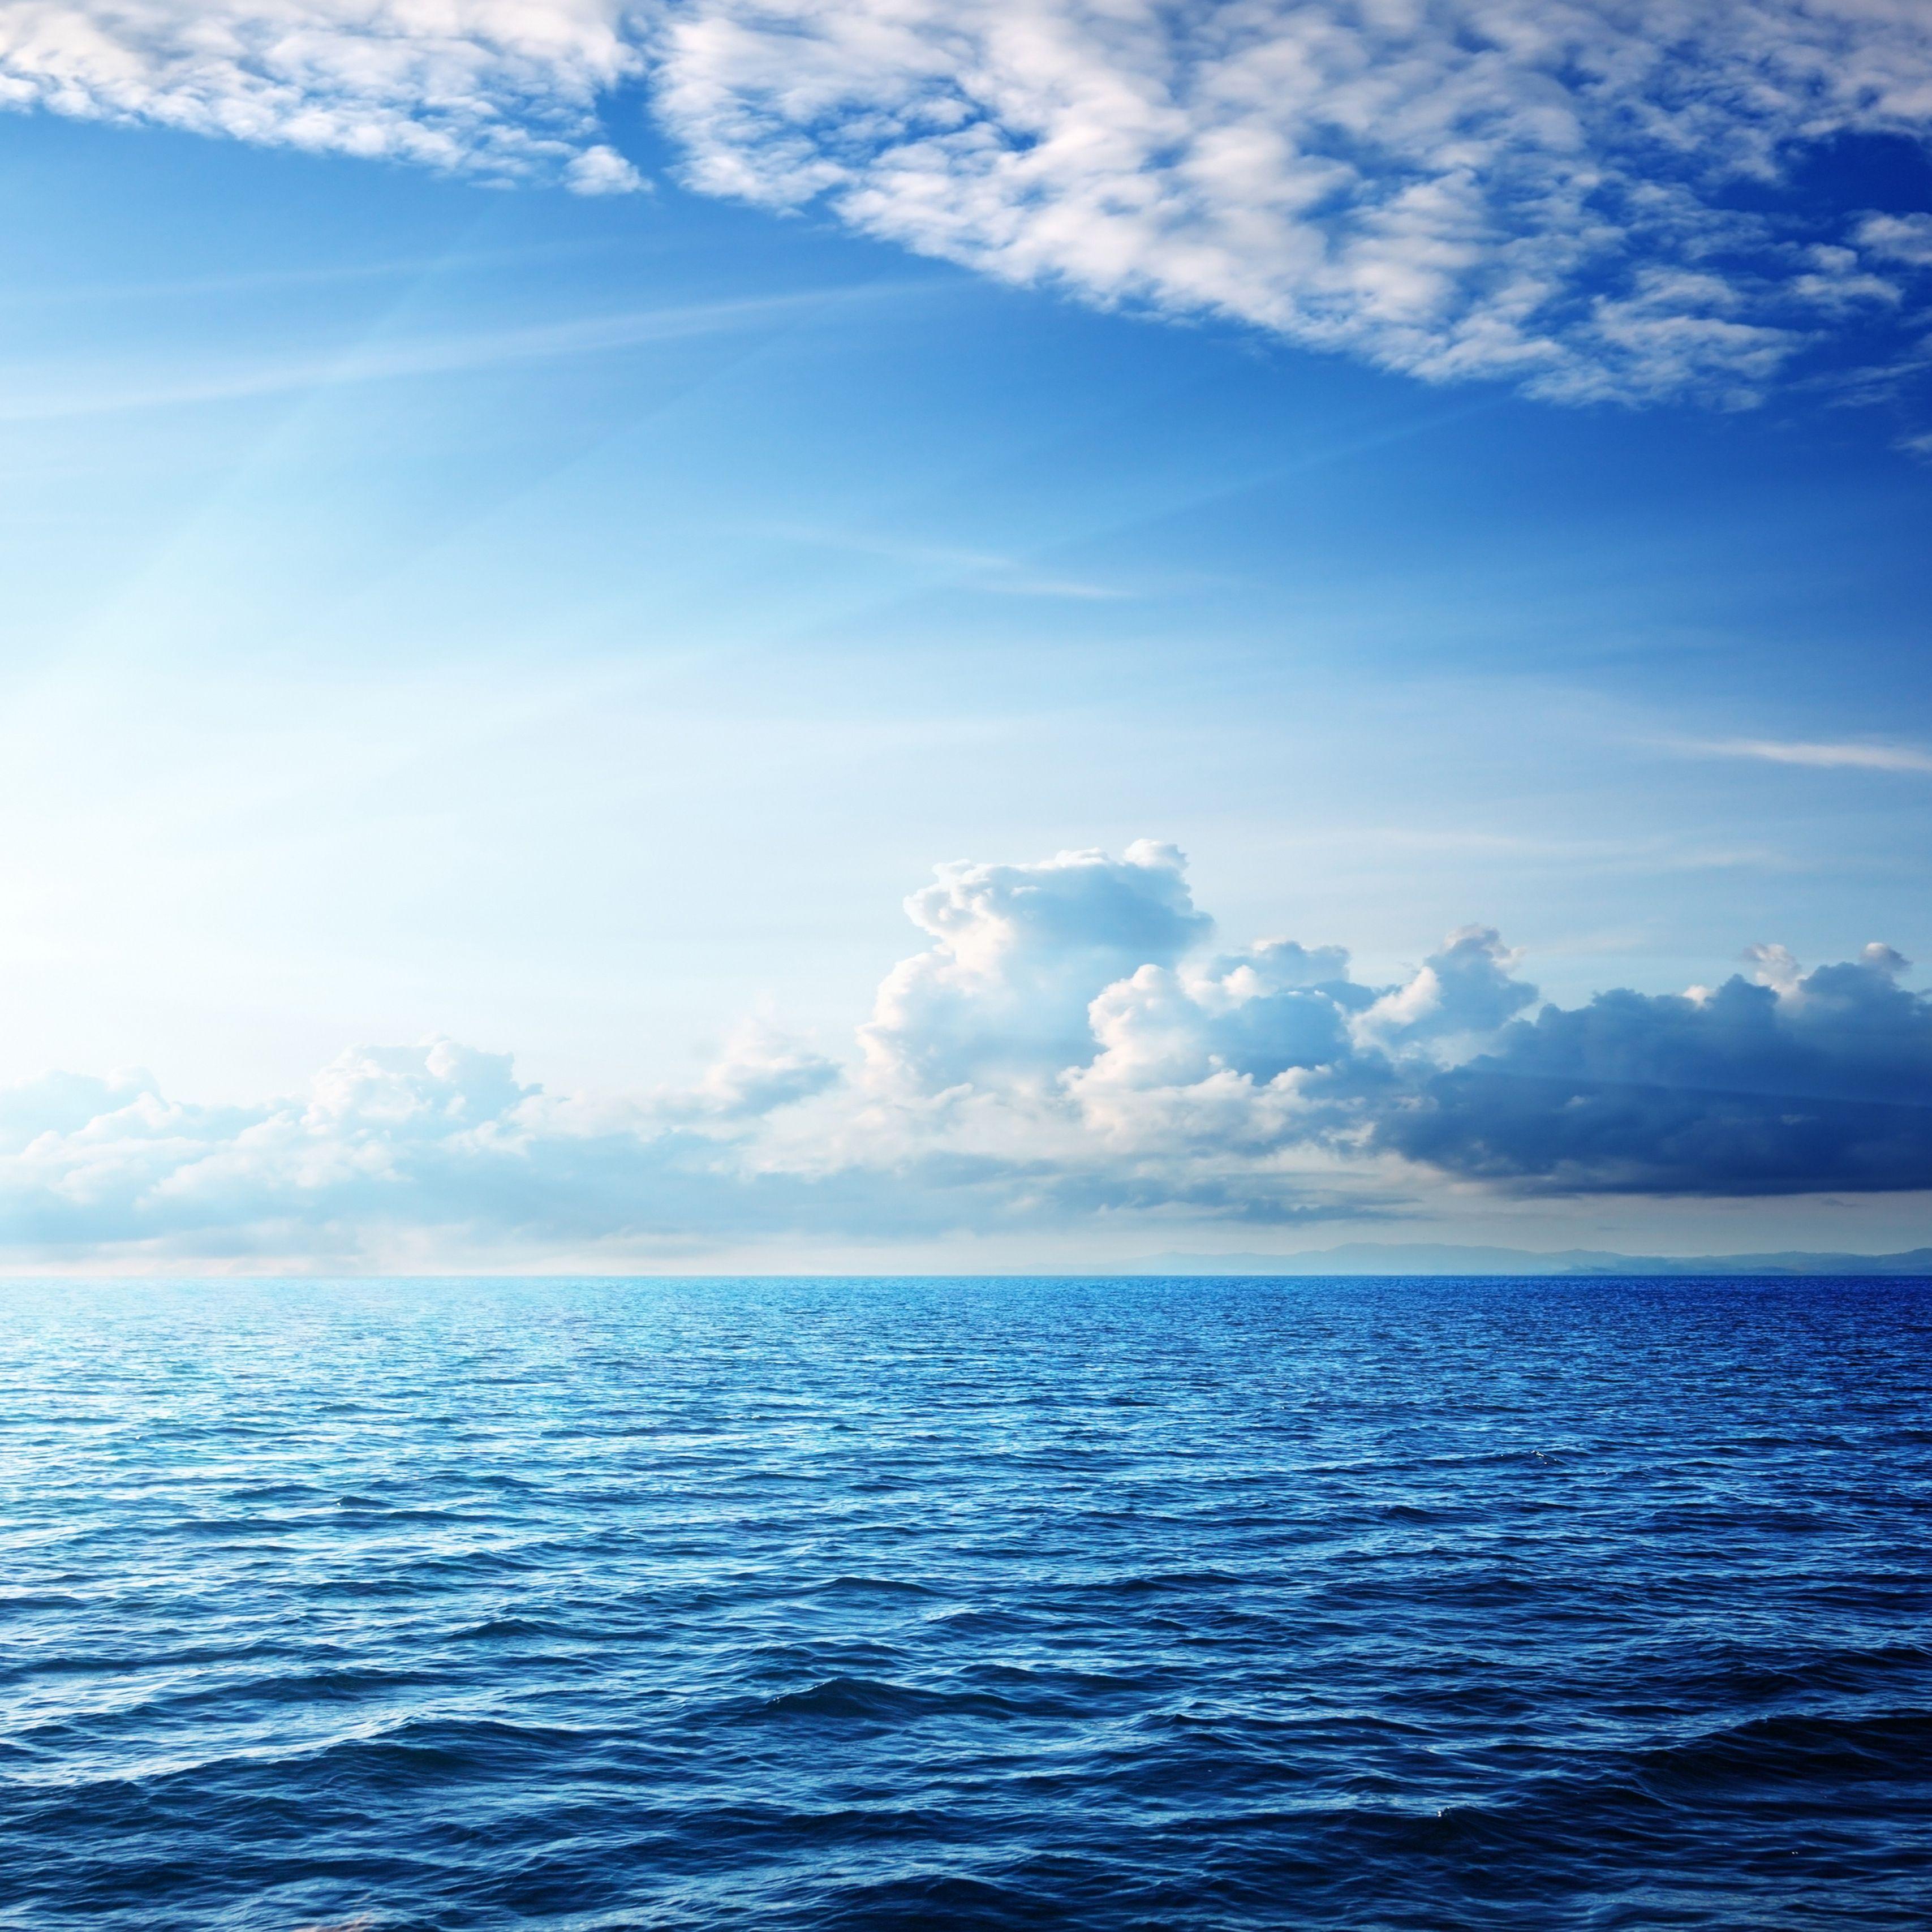 HD Ipad Wallpaper Ocean Images